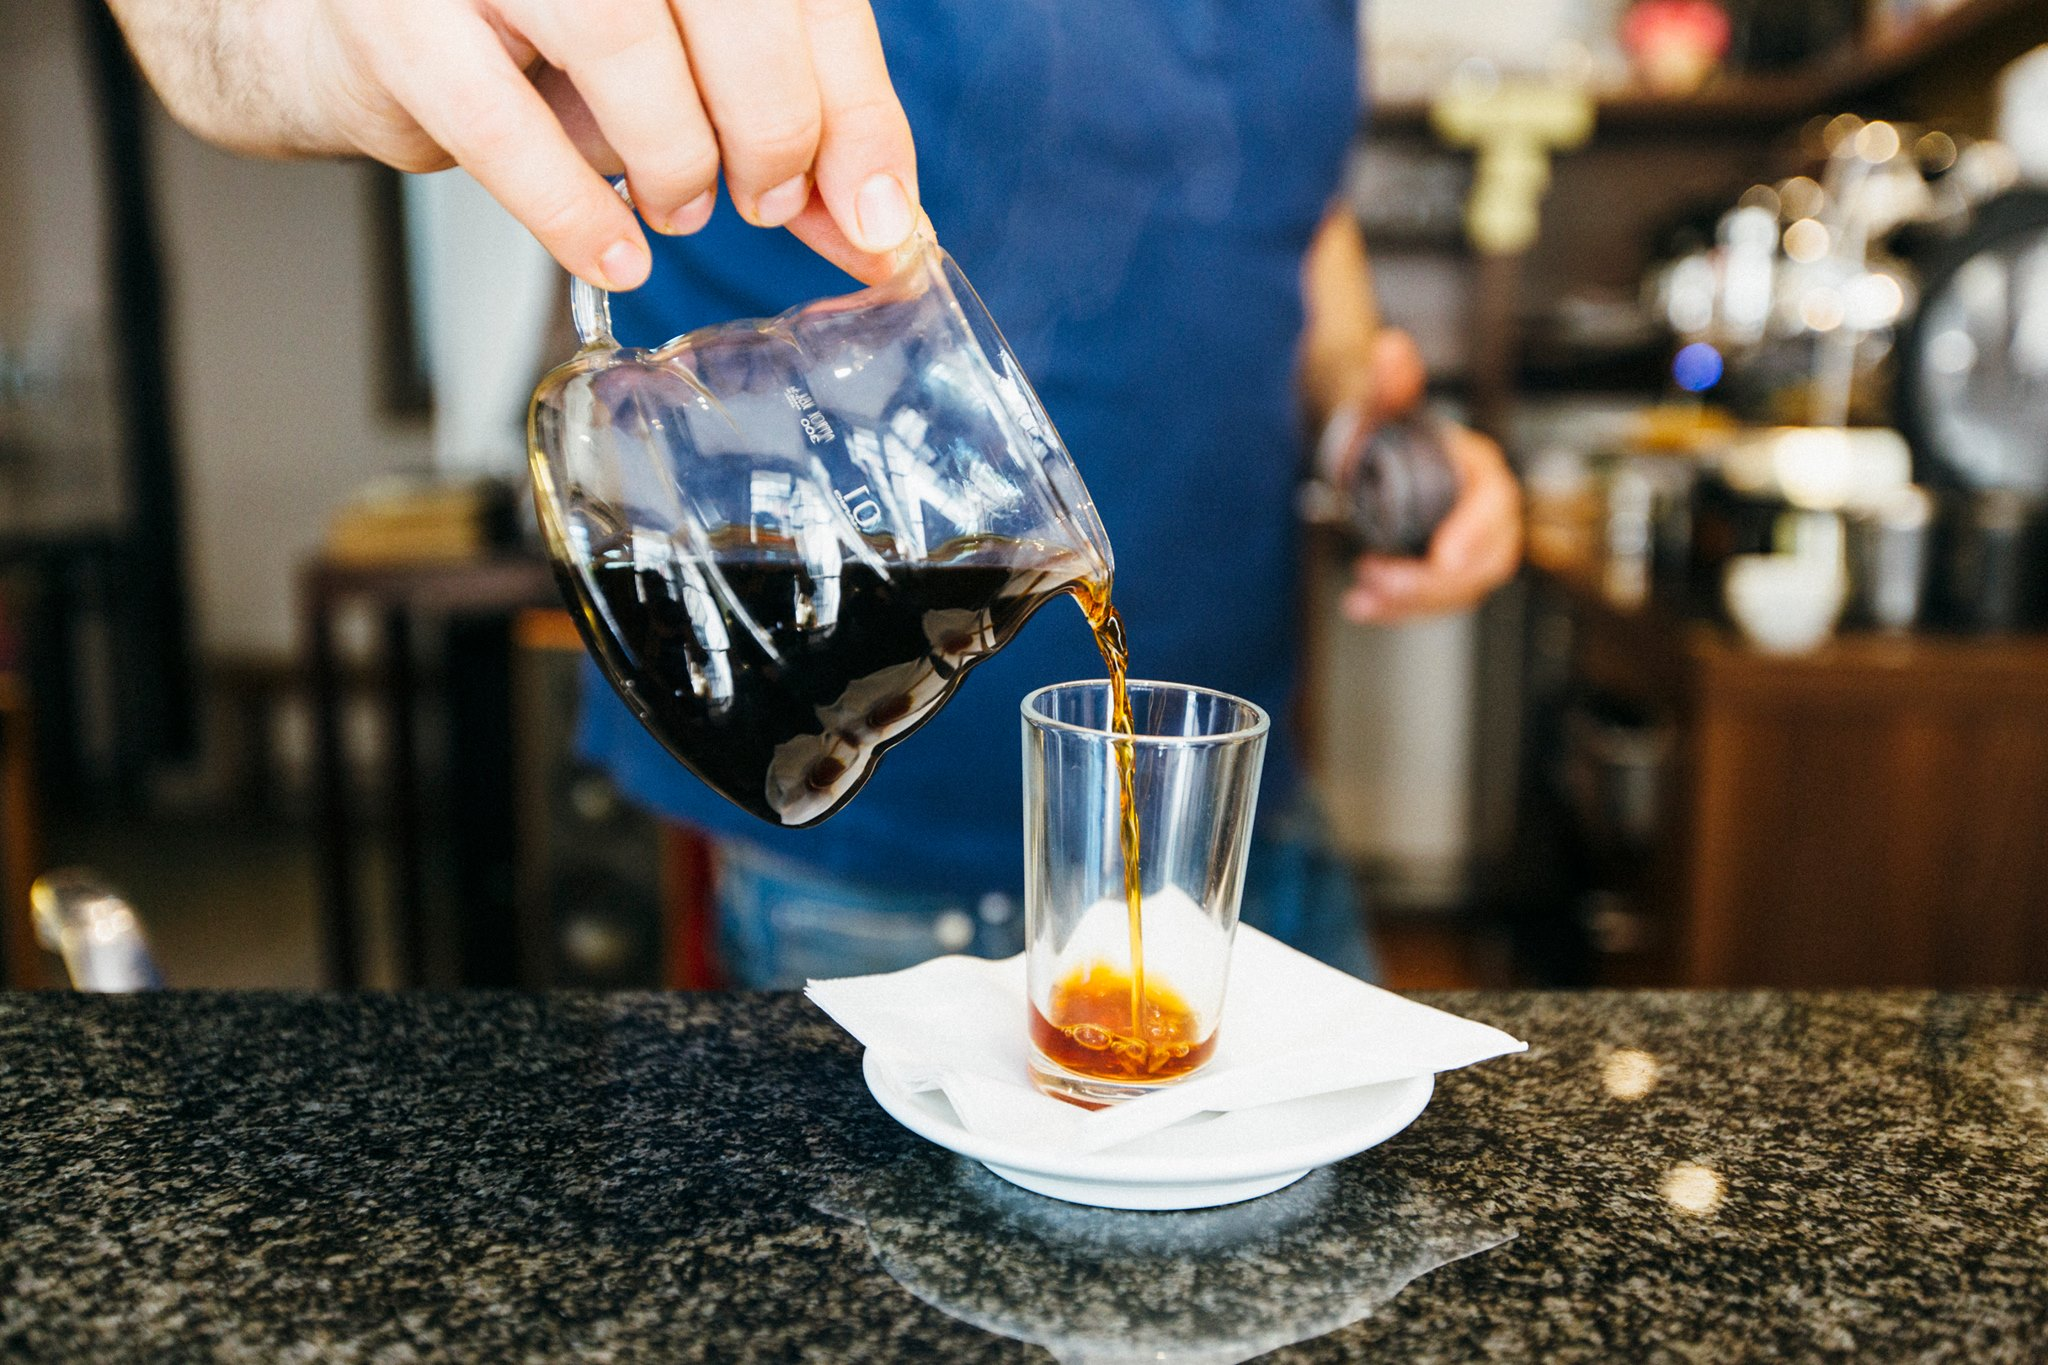 Viens boire du bon café à la caféothèque !